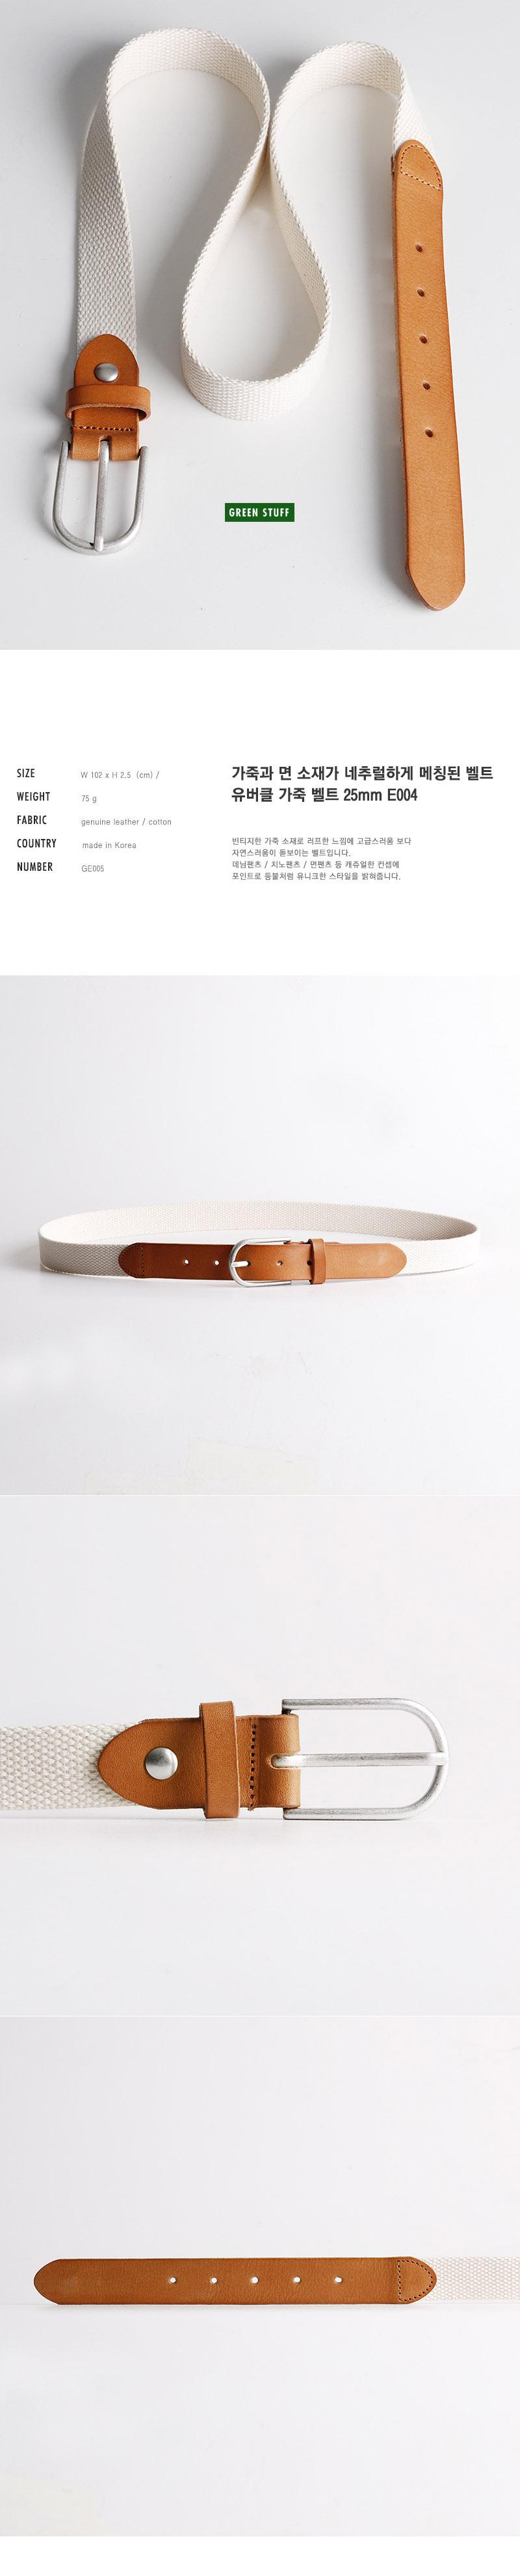 [그린 스터프] 유버클 가죽 벨트 25mm E005 [빈티지 카멜 브라운] (GREEN STUFF U buckle belt E005)